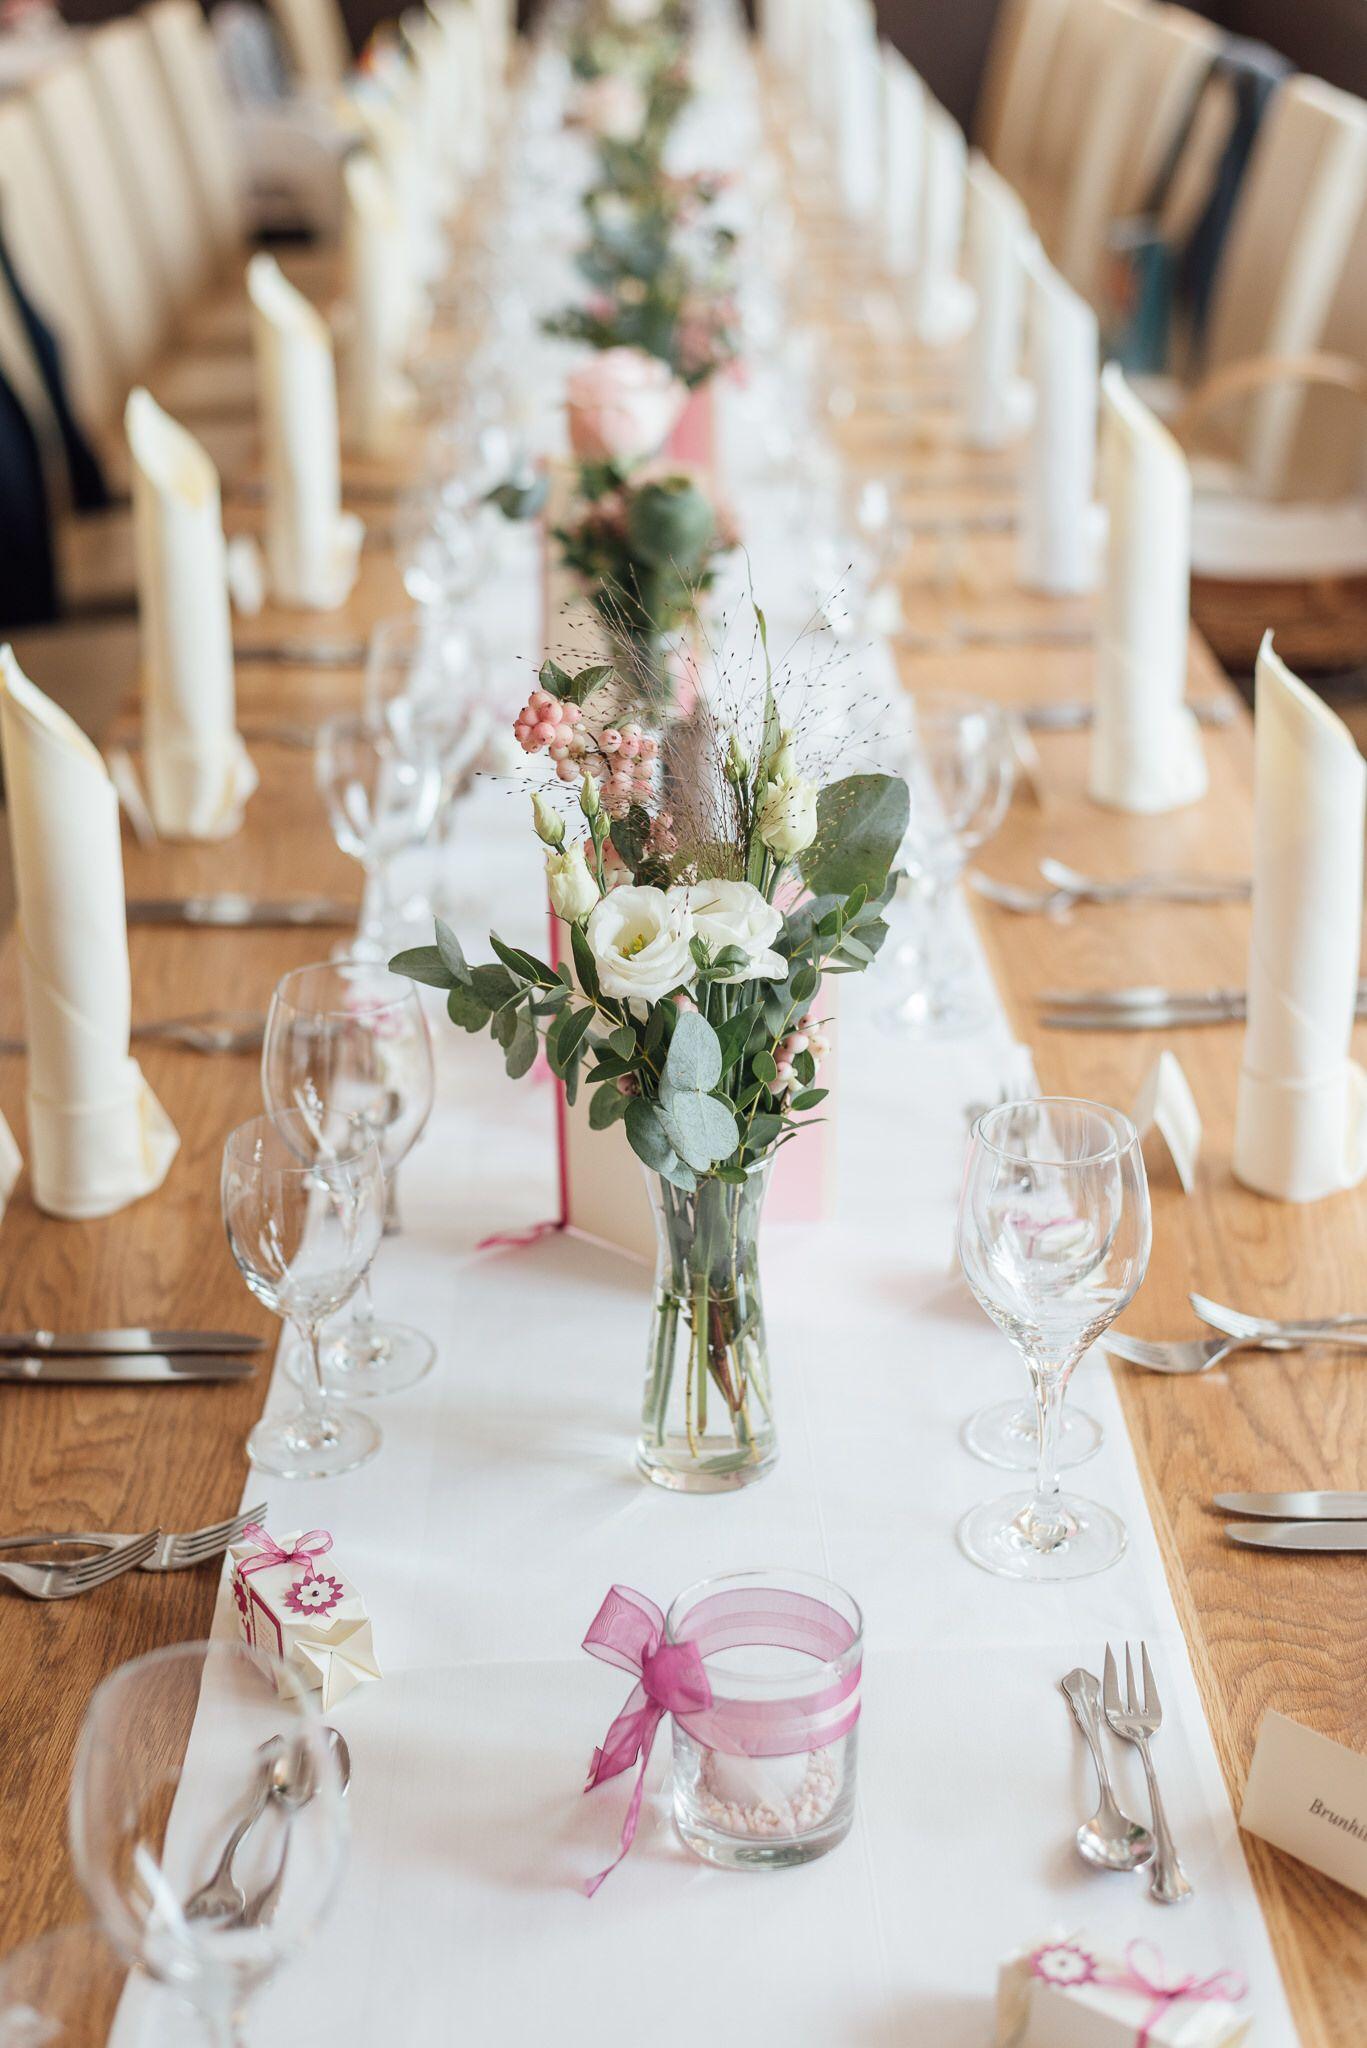 Tischdeko Hochzeit Servietten | Hochzeit deko tisch